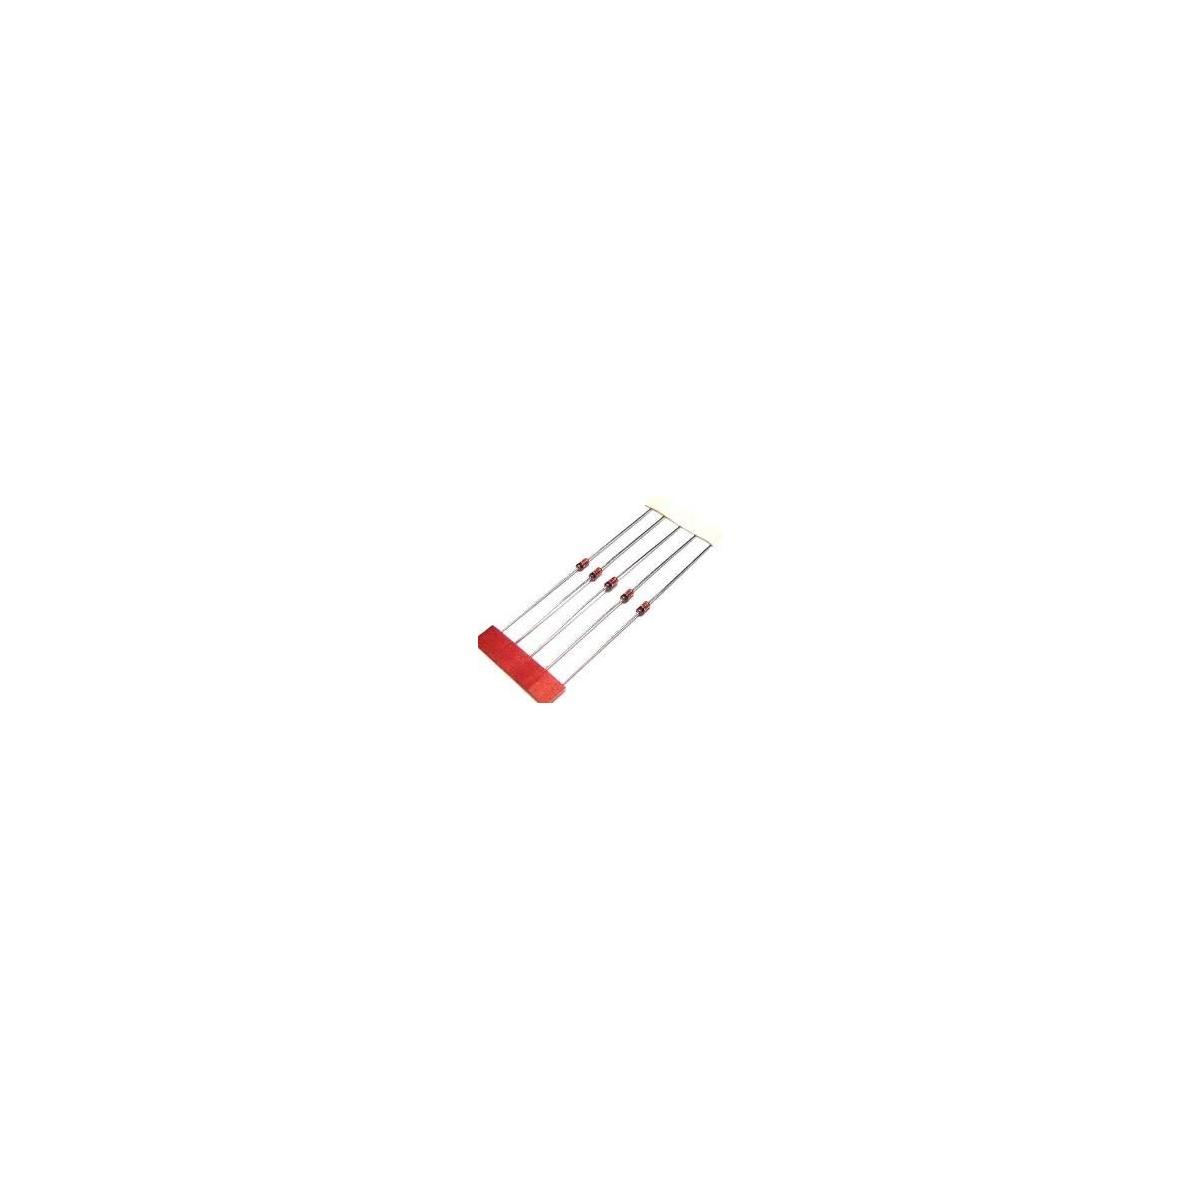 1N 4148 HIGH-SPEED SWITCHING - C/100